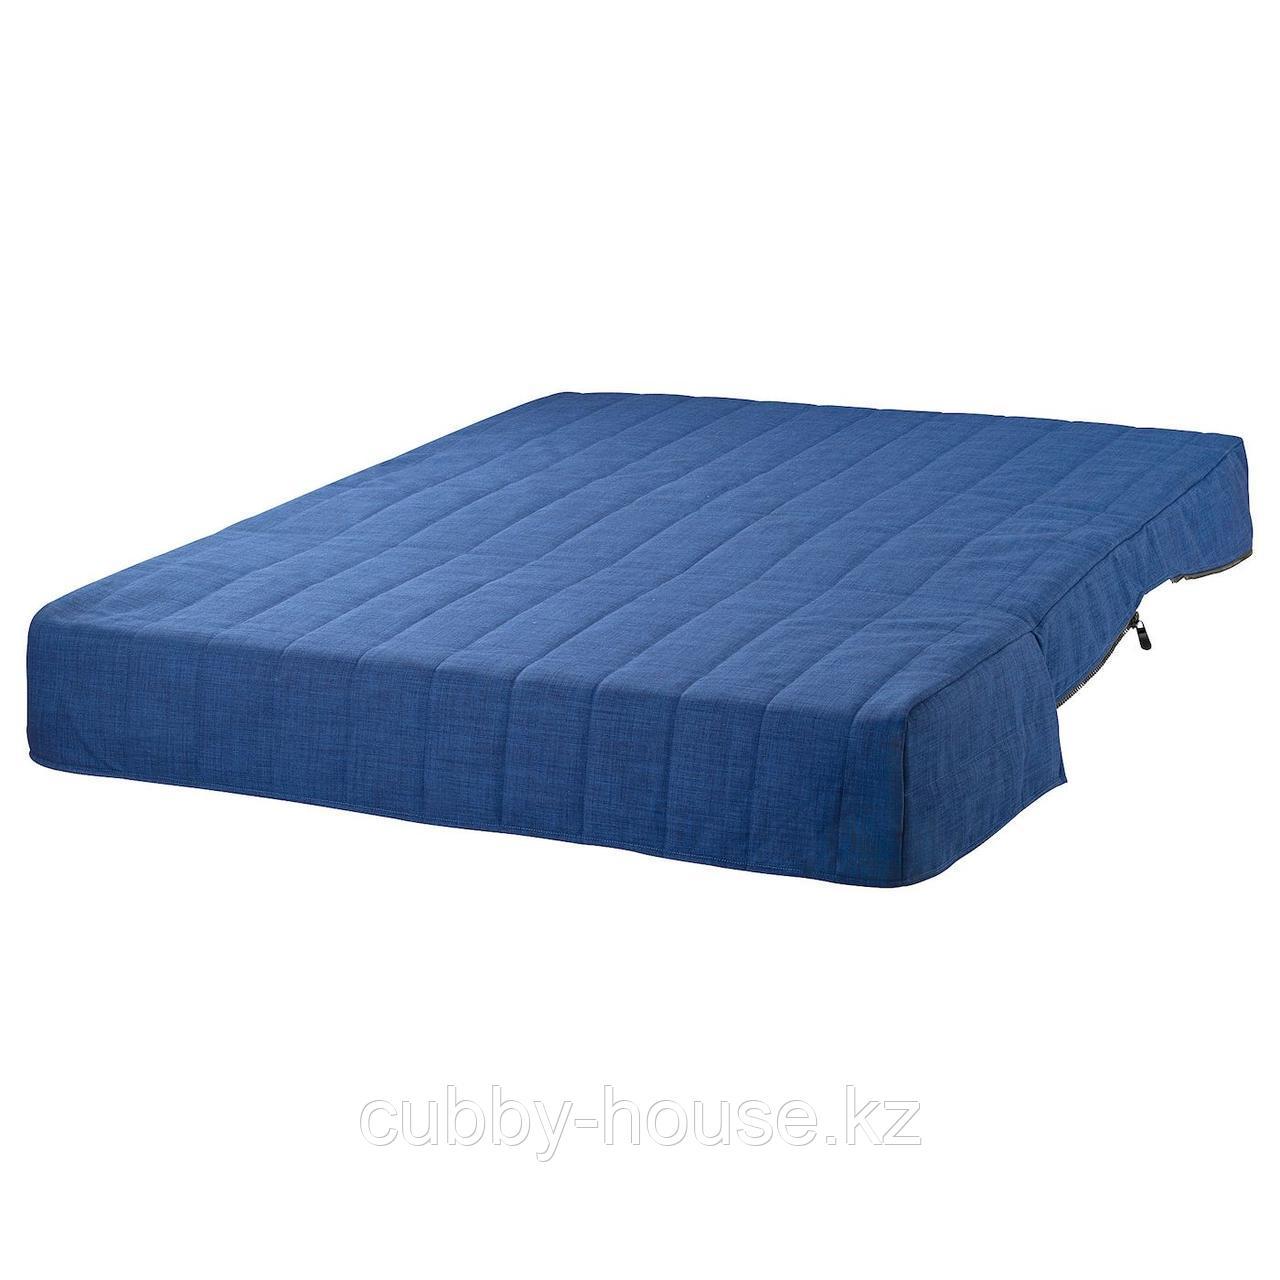 ЛИКСЕЛЕ Пенополиуретановый матрас с чехлом, Шифтебу синий темно-синий, 140x188 см